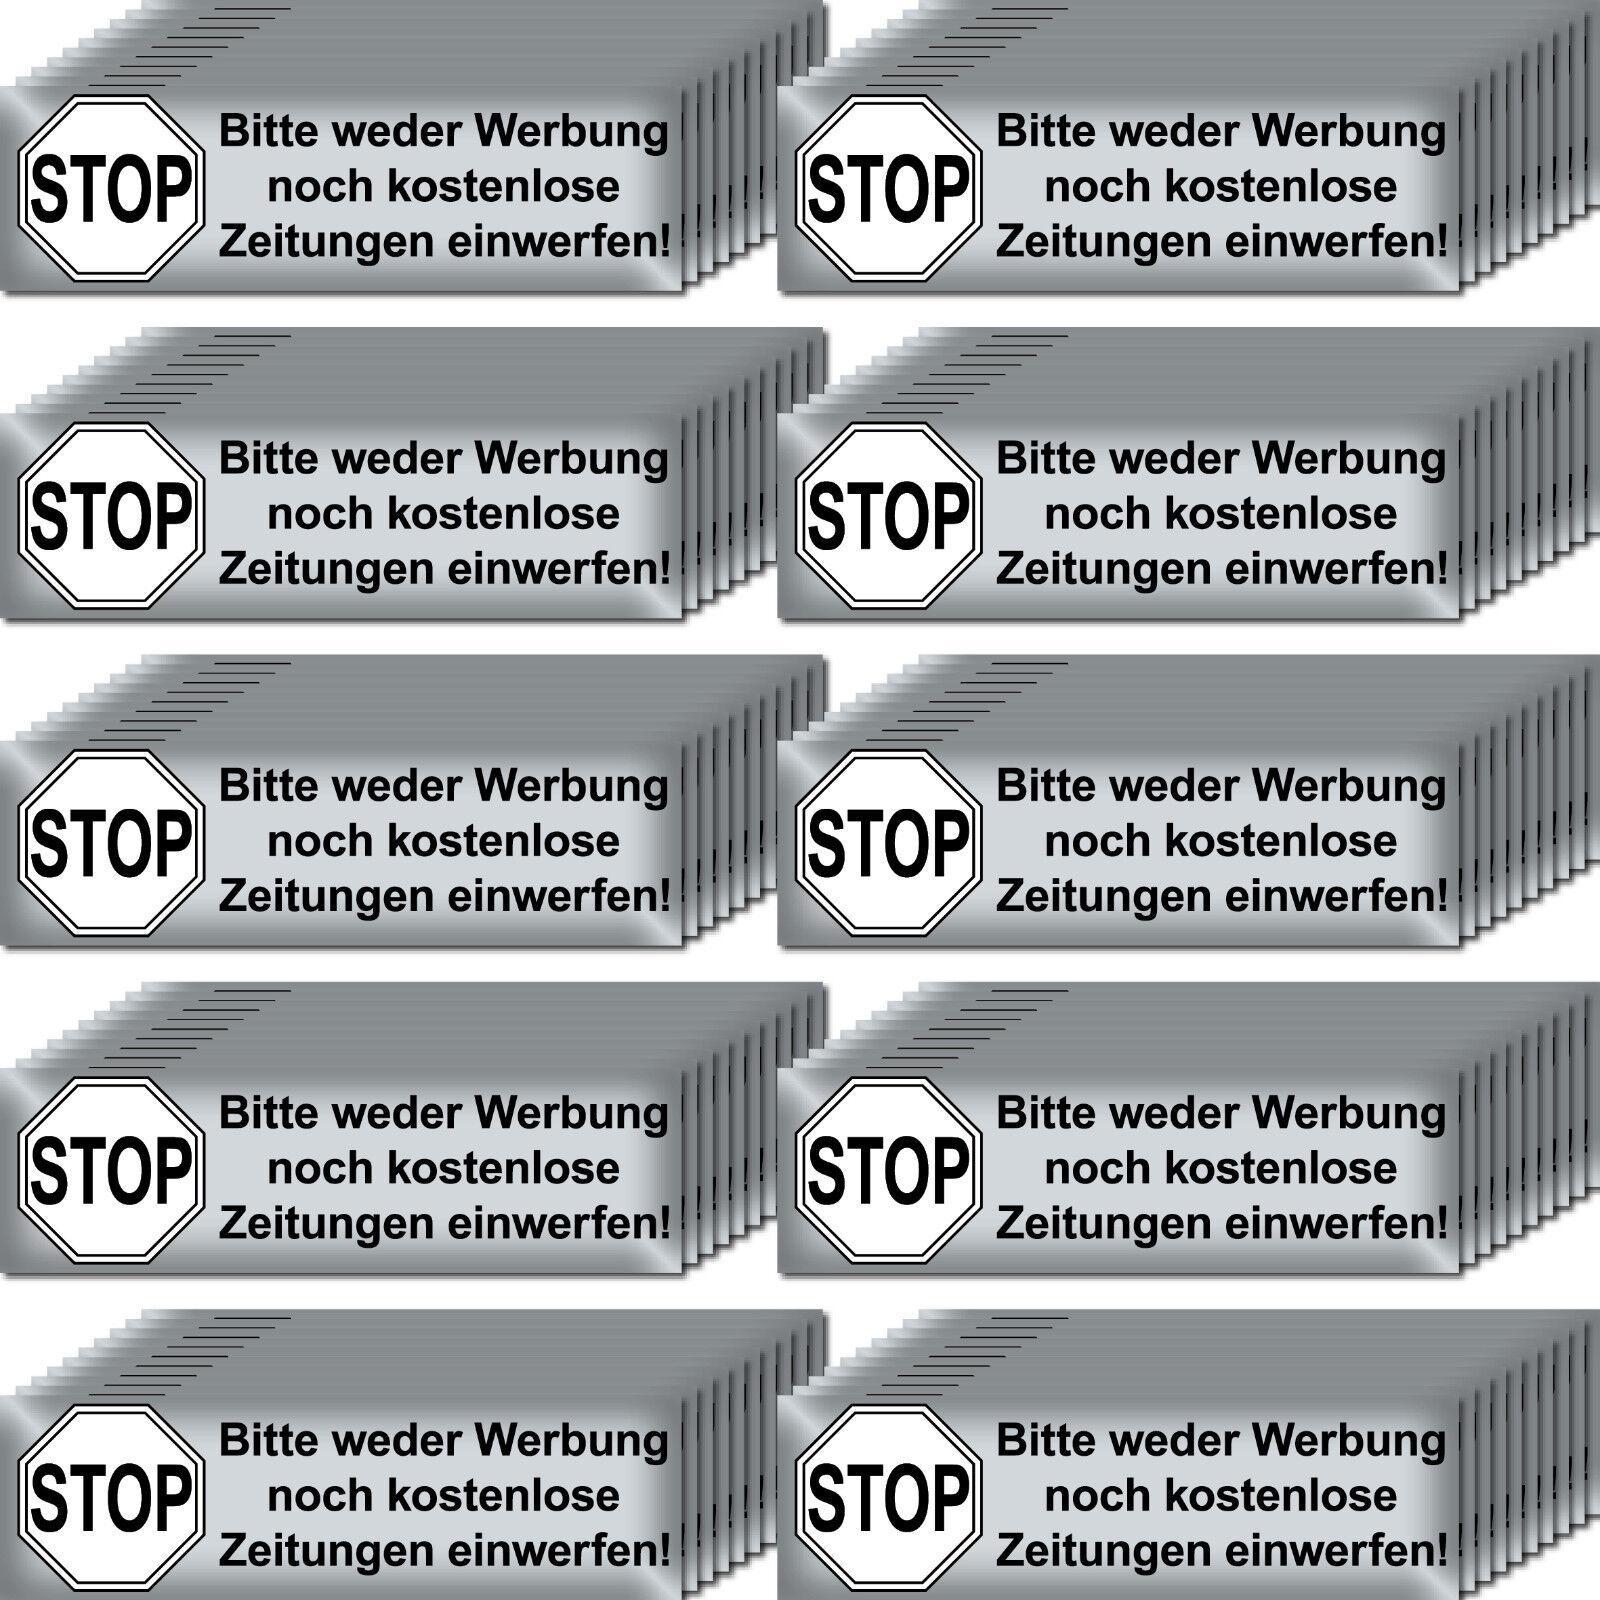 100 Aufkleber Stop Bitte Keine Werbung Reklame Zeitung Einwerfen Briefkasten